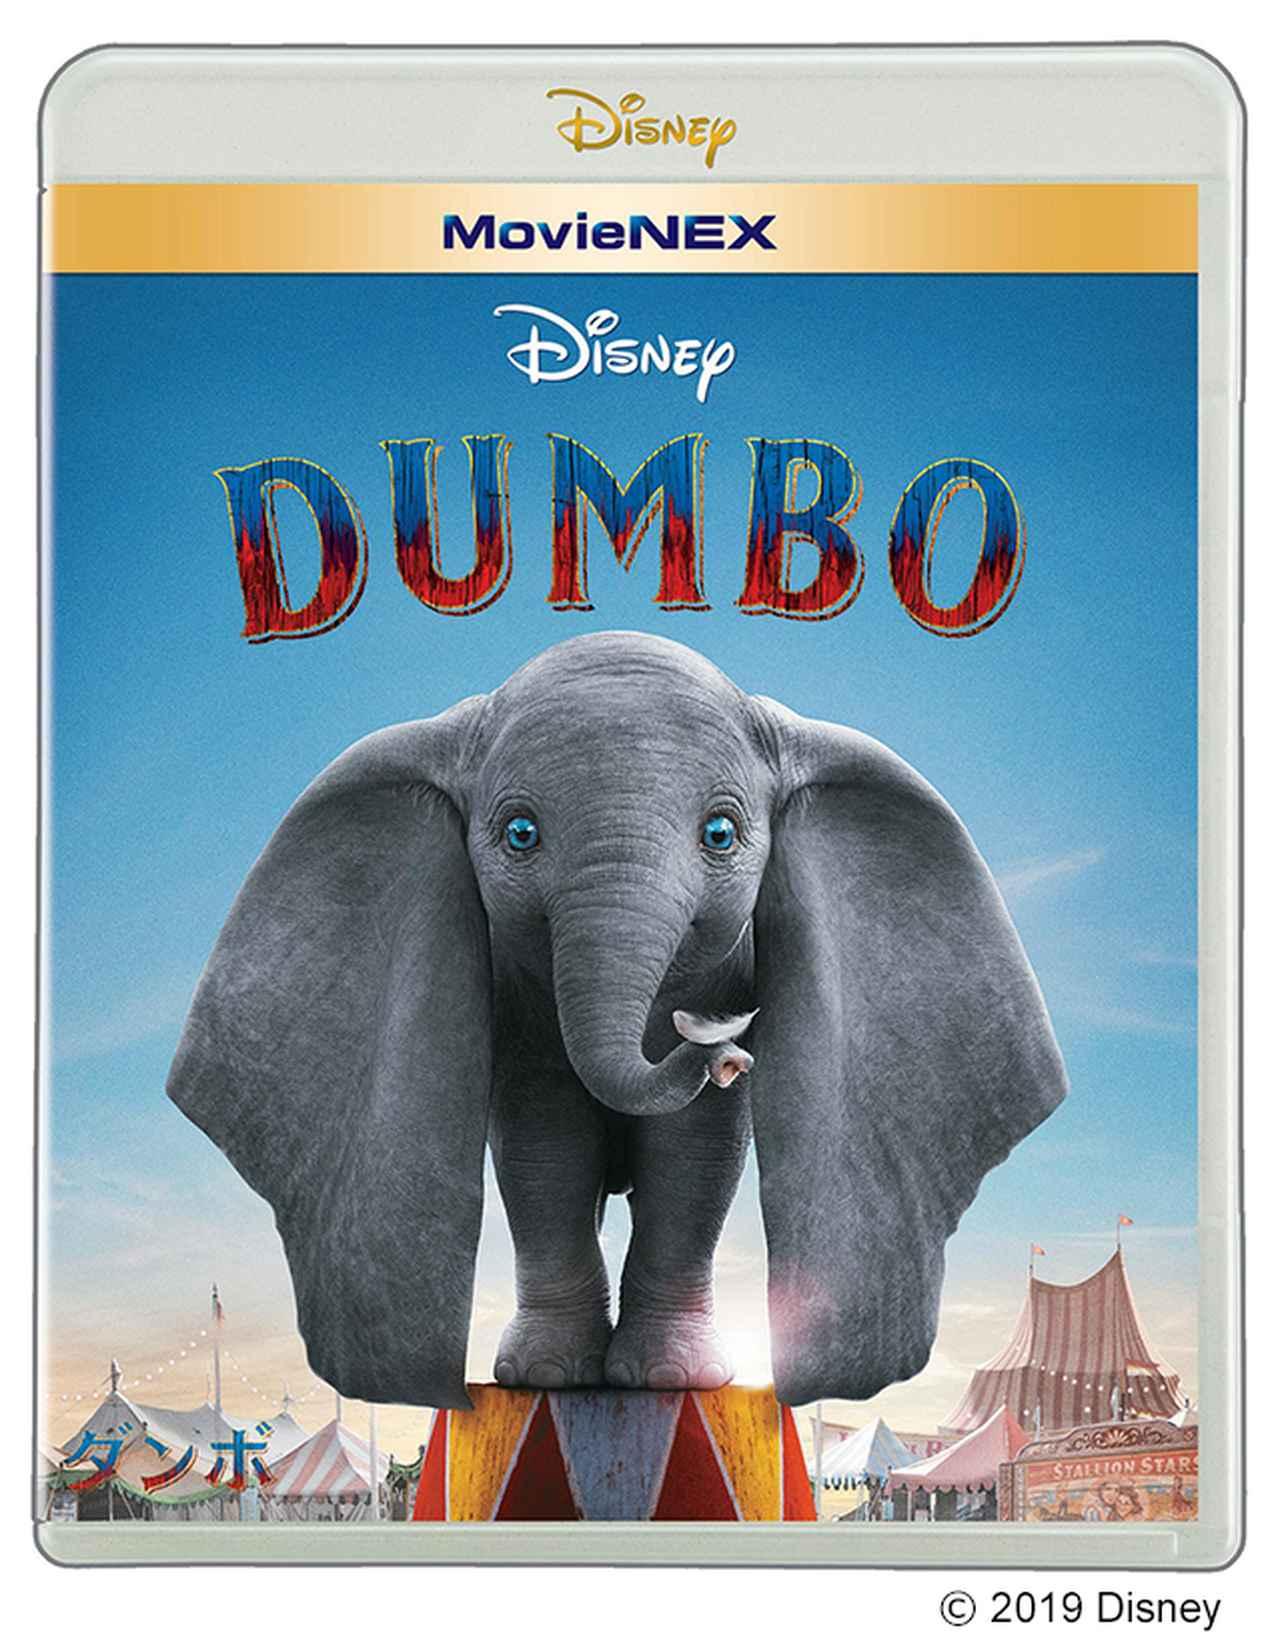 画像: 7月3日(水)先行デジタル配信開始、 7月17日(水)MovieNEX(4,200円+税)、4K UHD MovieNEX(8,000円+税)発売 © 2019 Disney